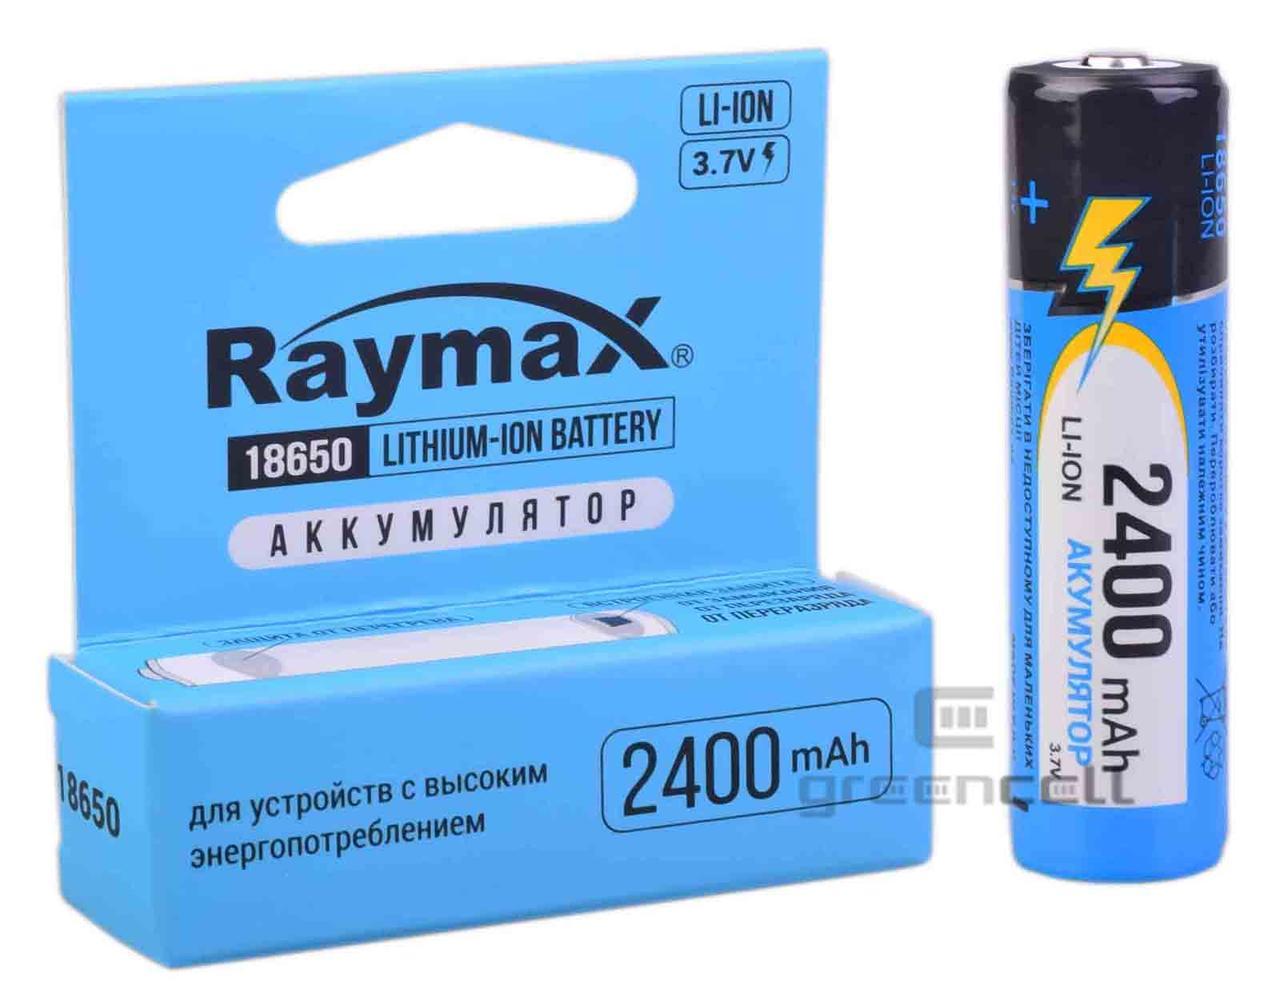 Аккумулятор Raymax 18650 2400 mAh Li-Ion с защитой